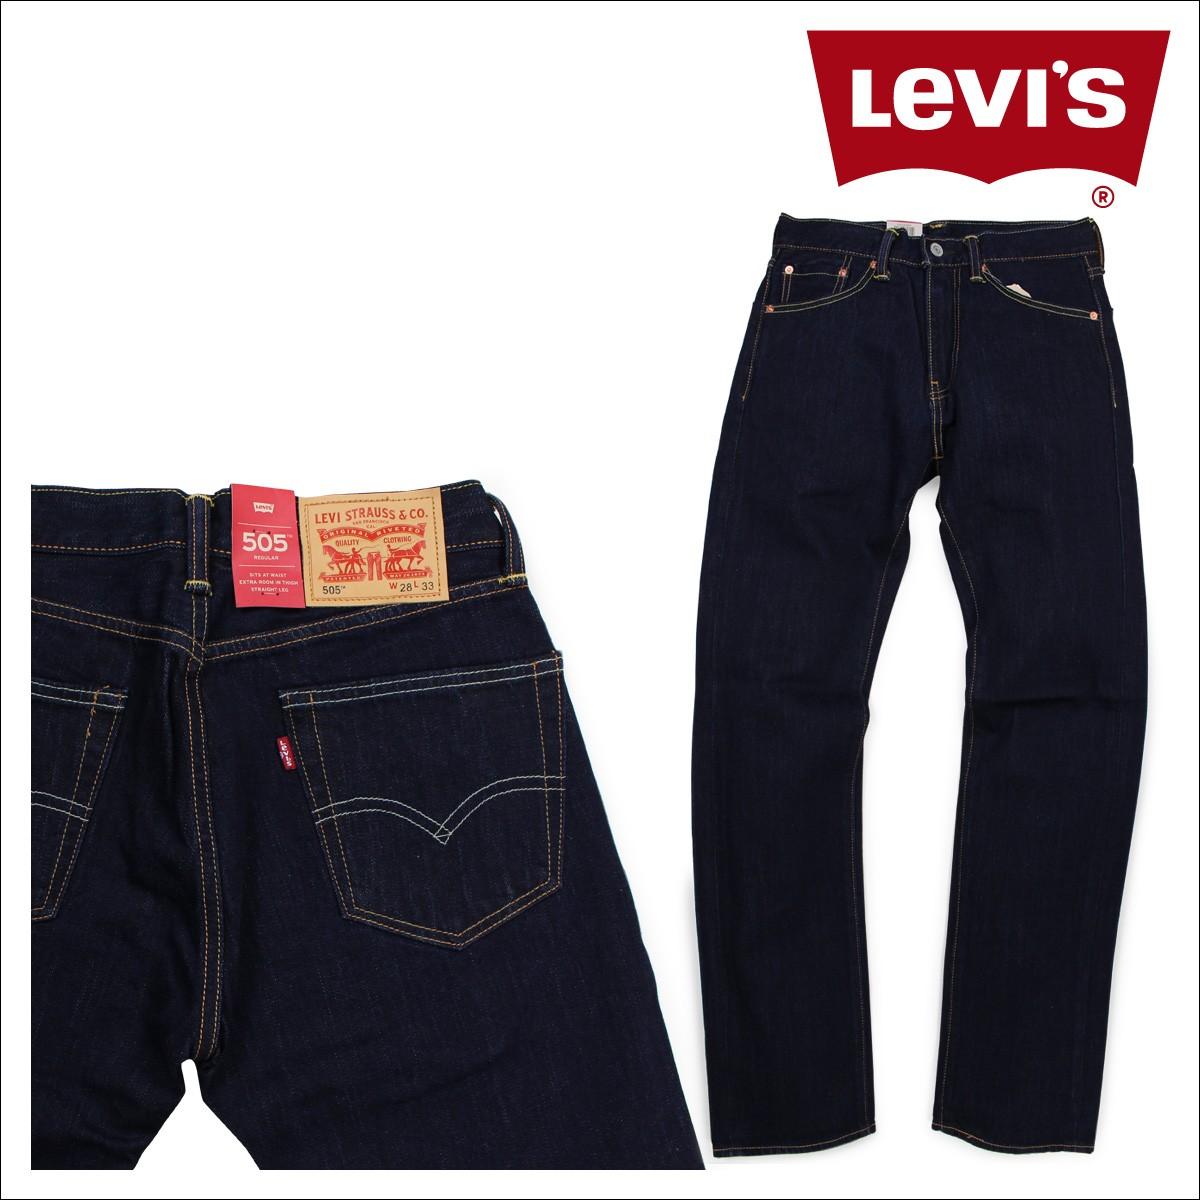 リーバイス 505 LEVI'S ストレート メンズ デニム パンツ REGULAR FIT STRAIGHT 00505-0649 [1/10 新入荷]